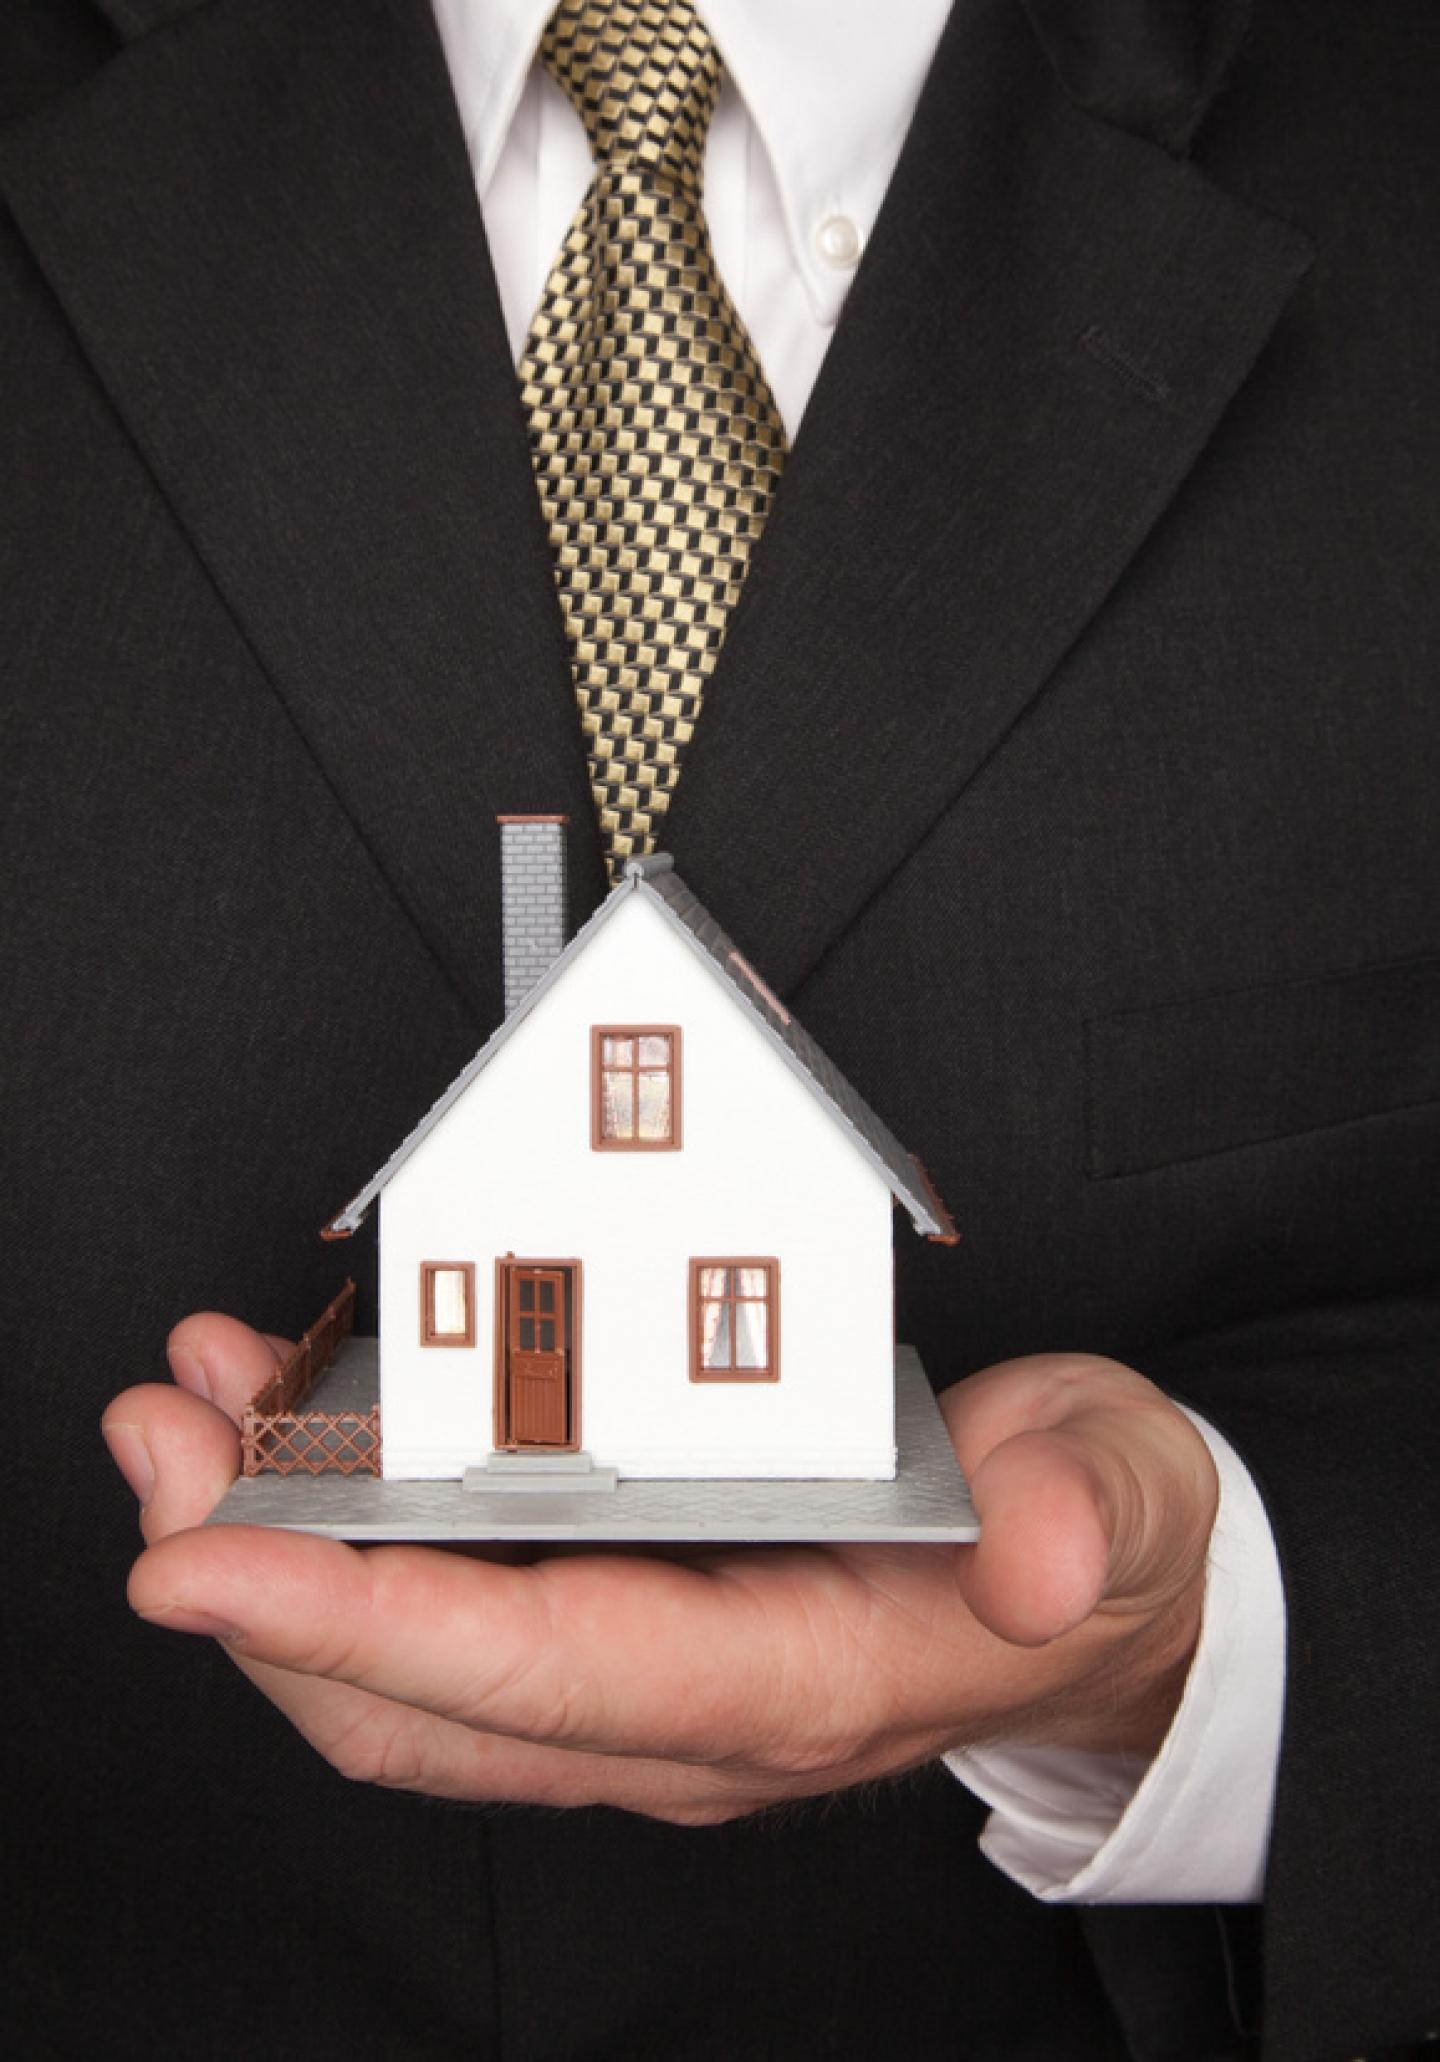 26.07.2018 - Amendamente FSNPPC referitoare la închirierea locuinţei şi compensarea chiriei, în atenţia MAI